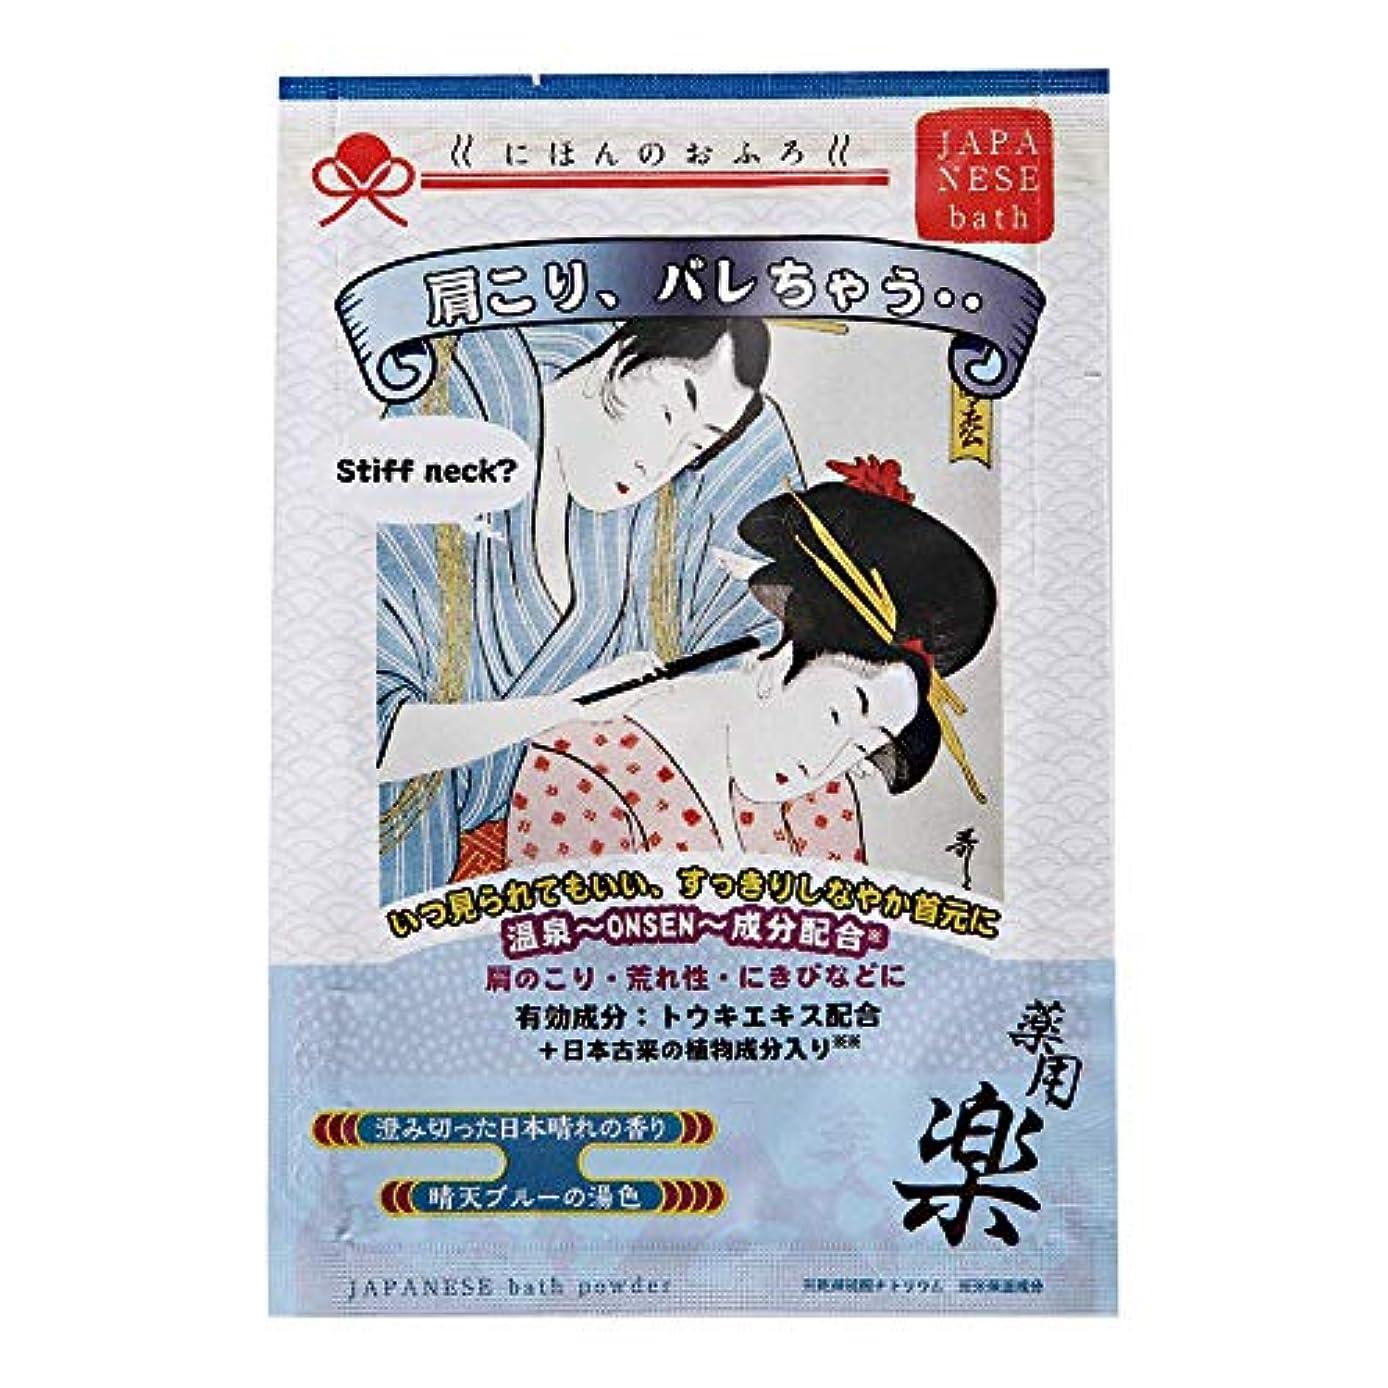 お肉巨大な生活にほんのおふろ 肩こり、バレちゃう?? 澄み切った日本晴れの香り 25g